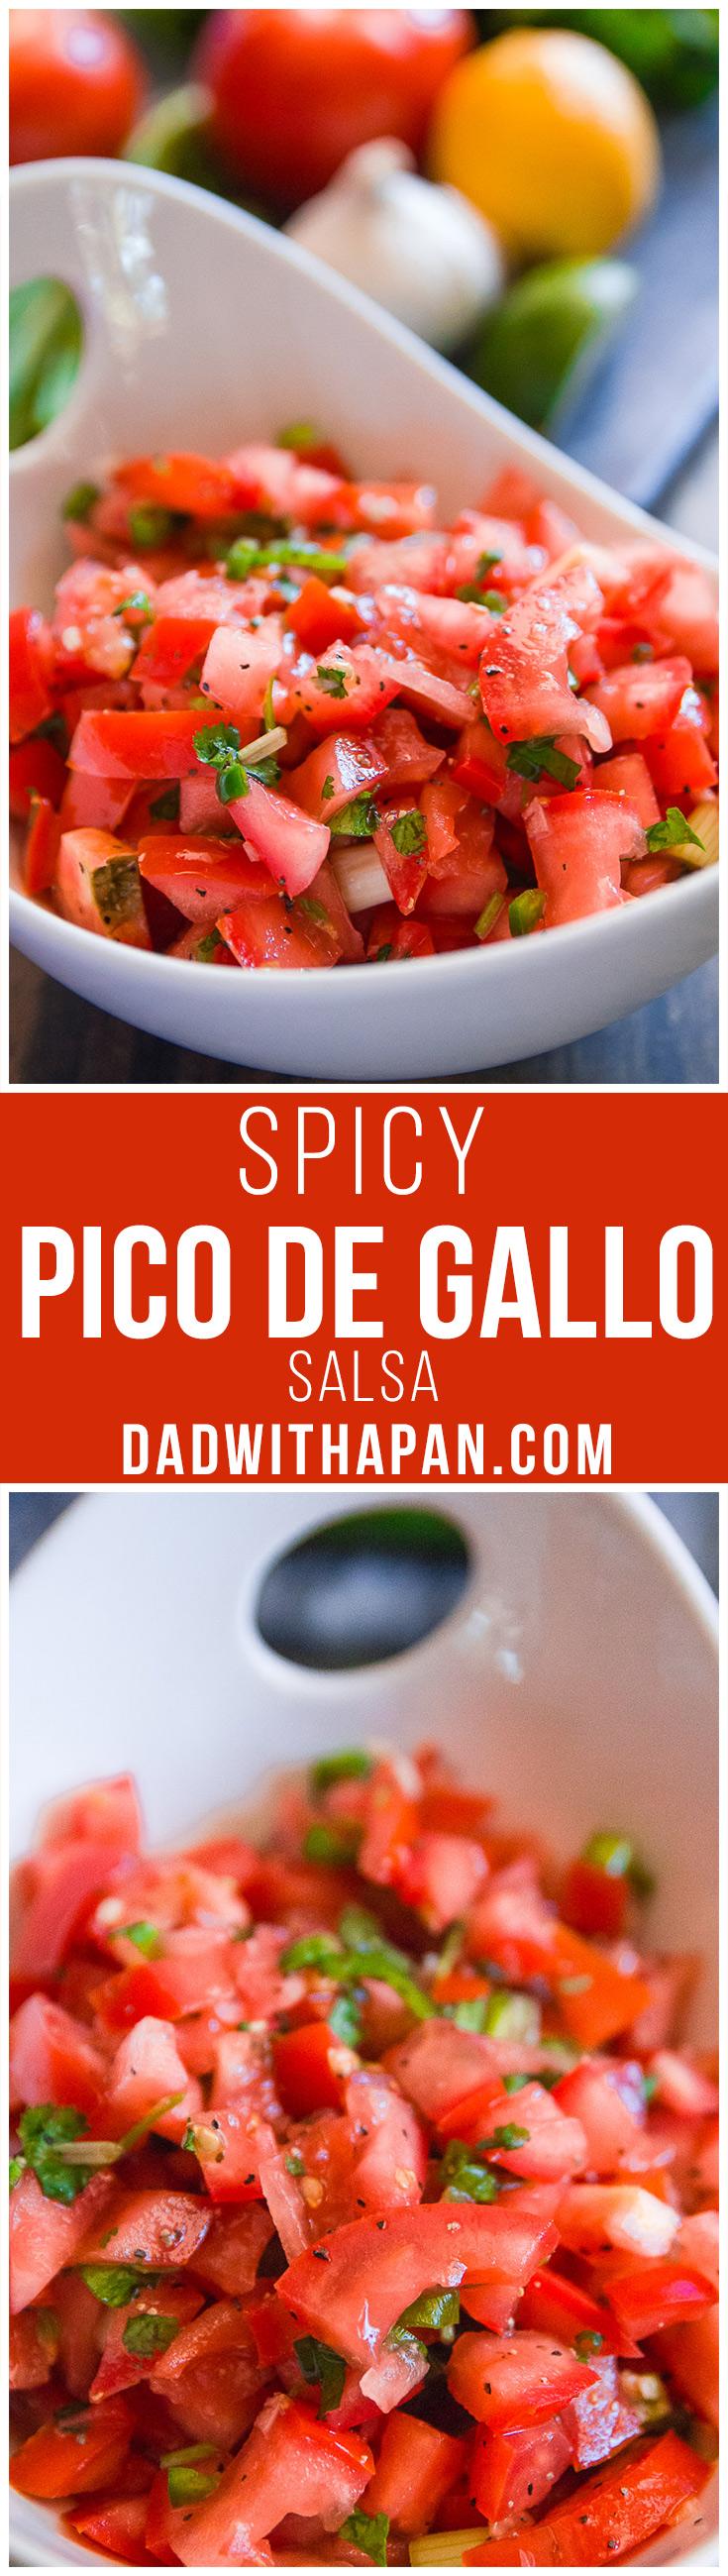 Spicy Pico De Gallo #Salsa #Tomatoes #Jalapeno